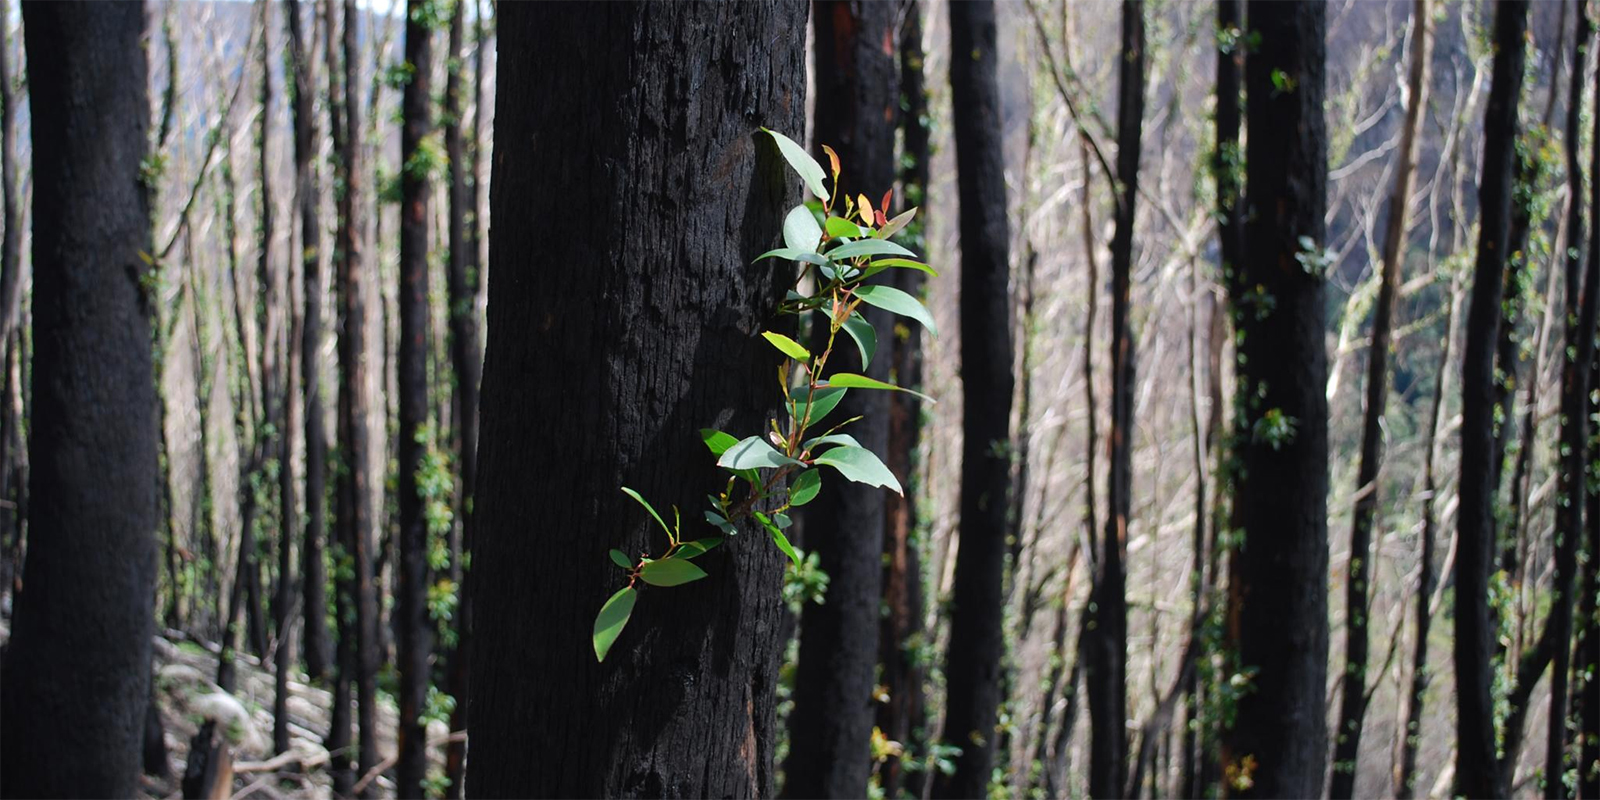 Funding Australia's bushfire response: Update